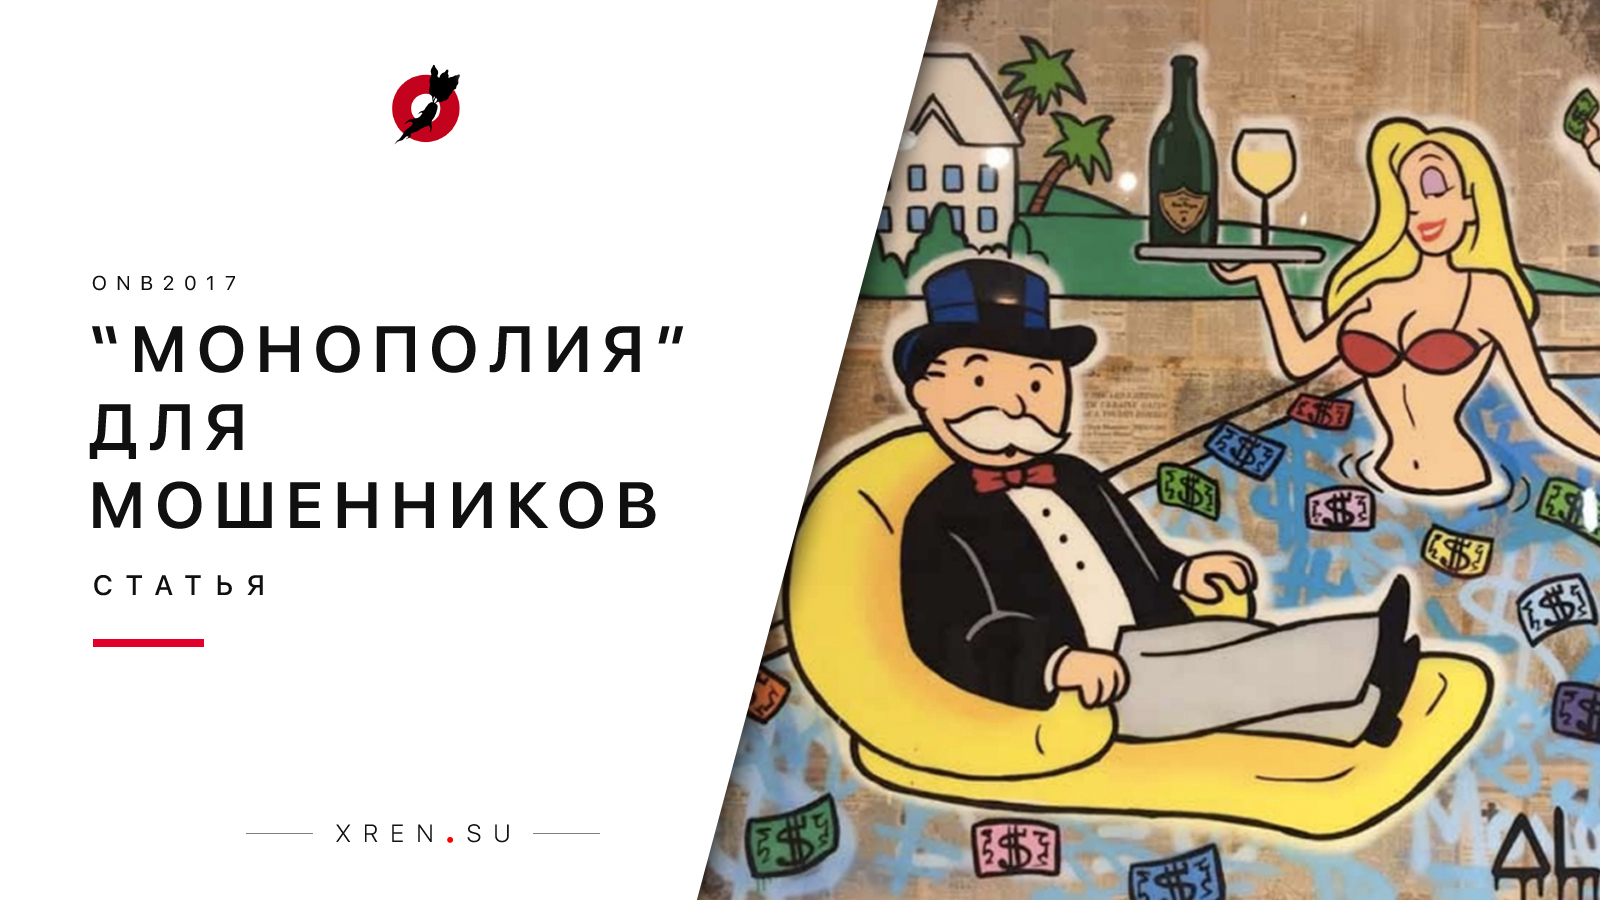 Обновленное издание «Монополии» для мошенников